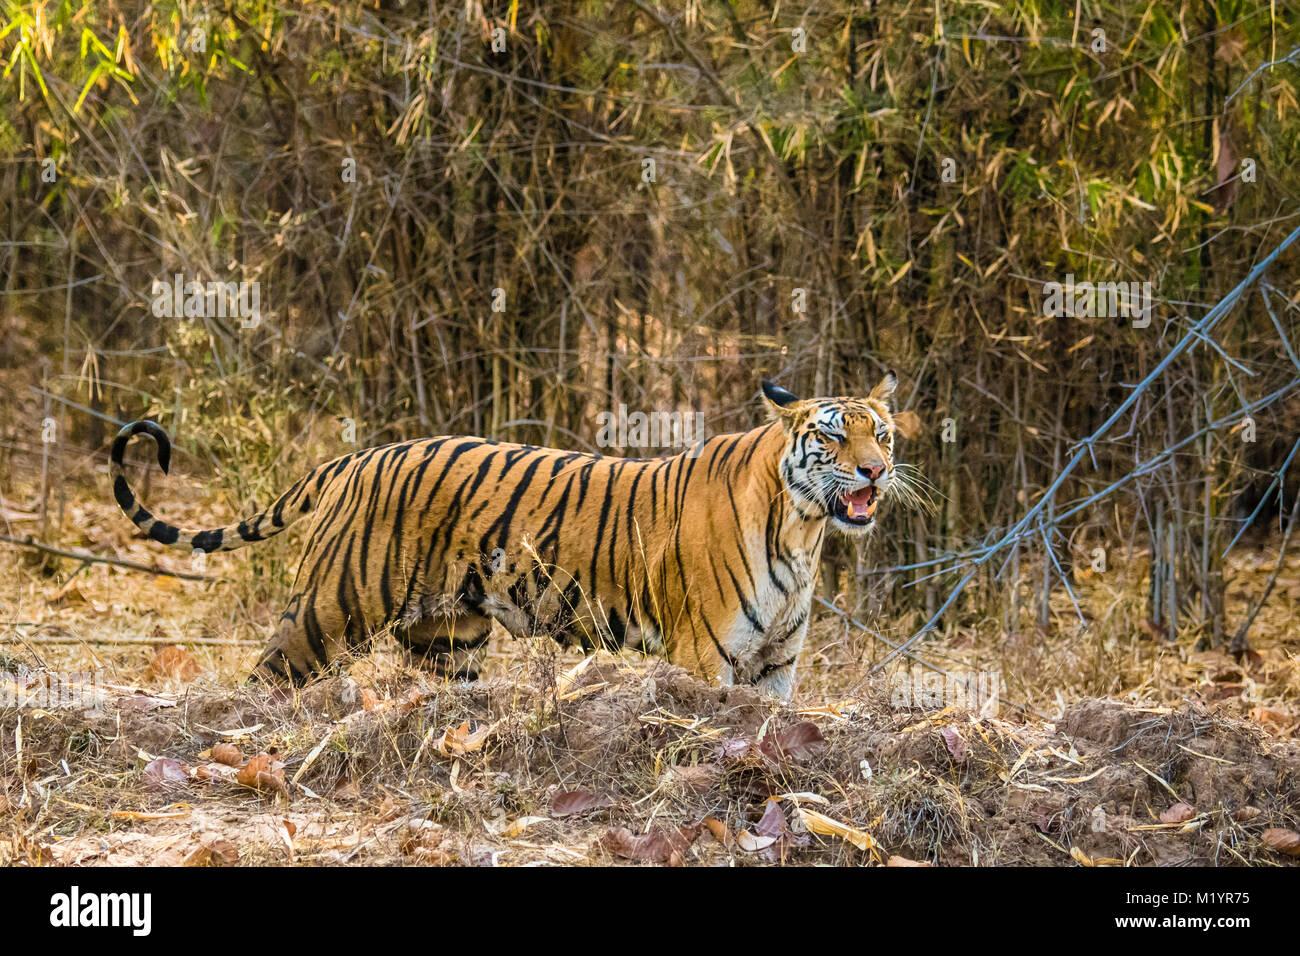 Wild nach weiblichen Bengal Tiger, Panthera tigris Tigris, mit vollen Brustwarzen, Aufruf für ihren Jungen, Bandhavgarh Tiger Reserve, Madhya Pradesh, Indien Stockfoto